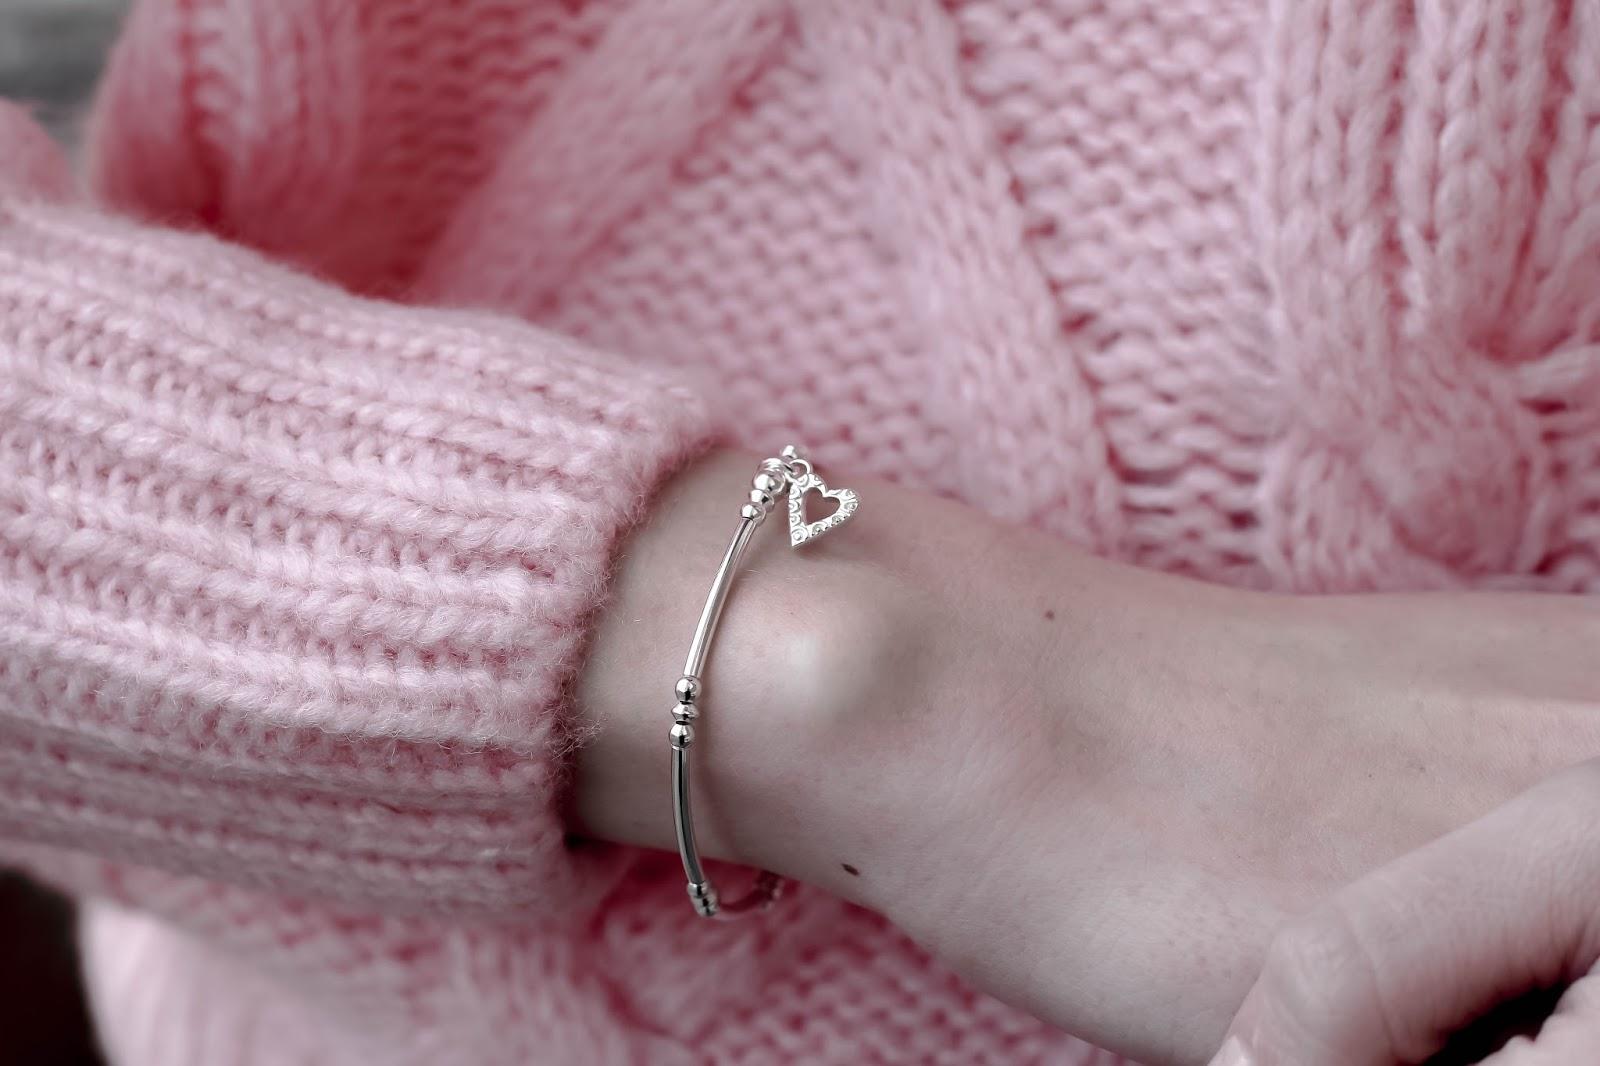 Chlobo Heart Valentine's Silver Bracelet